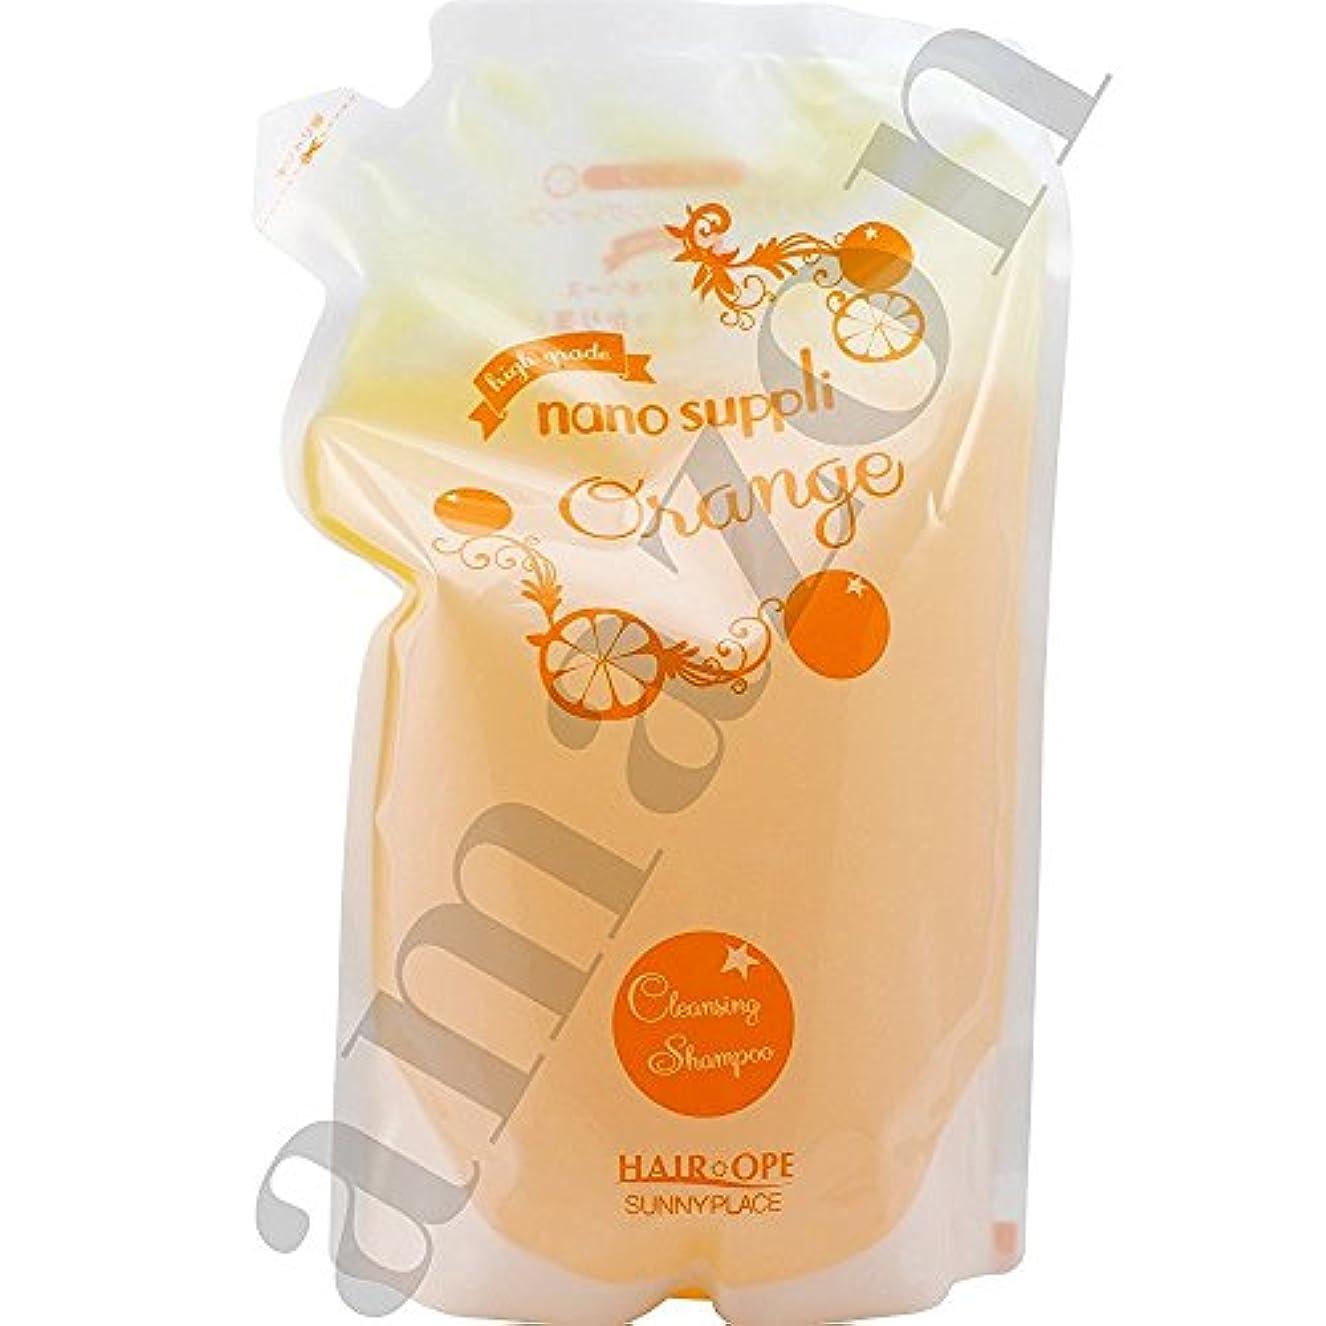 出血開いた感謝しているサニープレイス ナノサプリ クレンジングシャンプー オレンジ 800ml [5個セット]